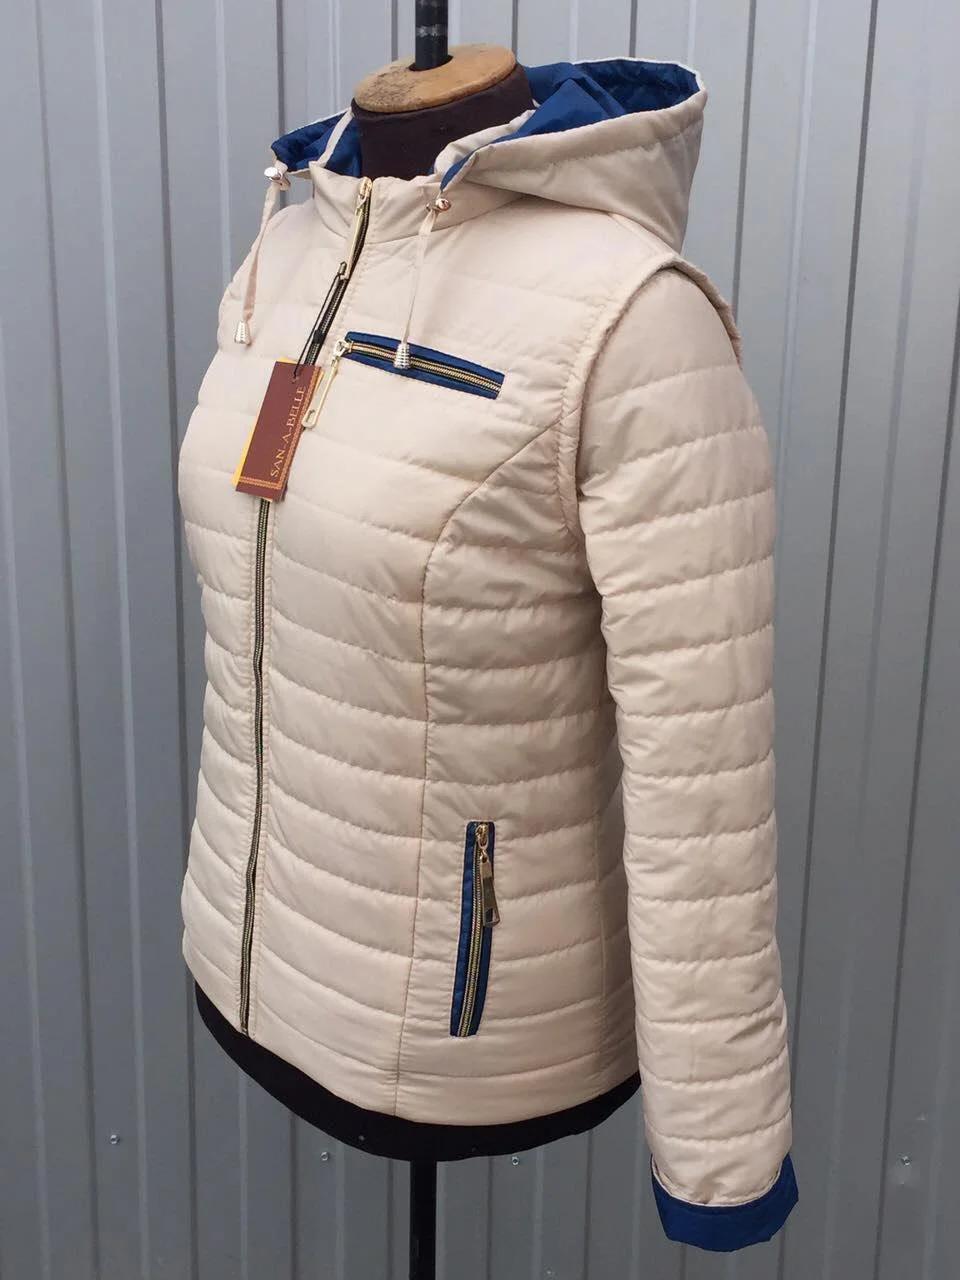 НЕДОРОГО модна жіноча демісезонна куртка трансформер р. 42, 44, 46, 48, 50, 52, 54, 56, 58